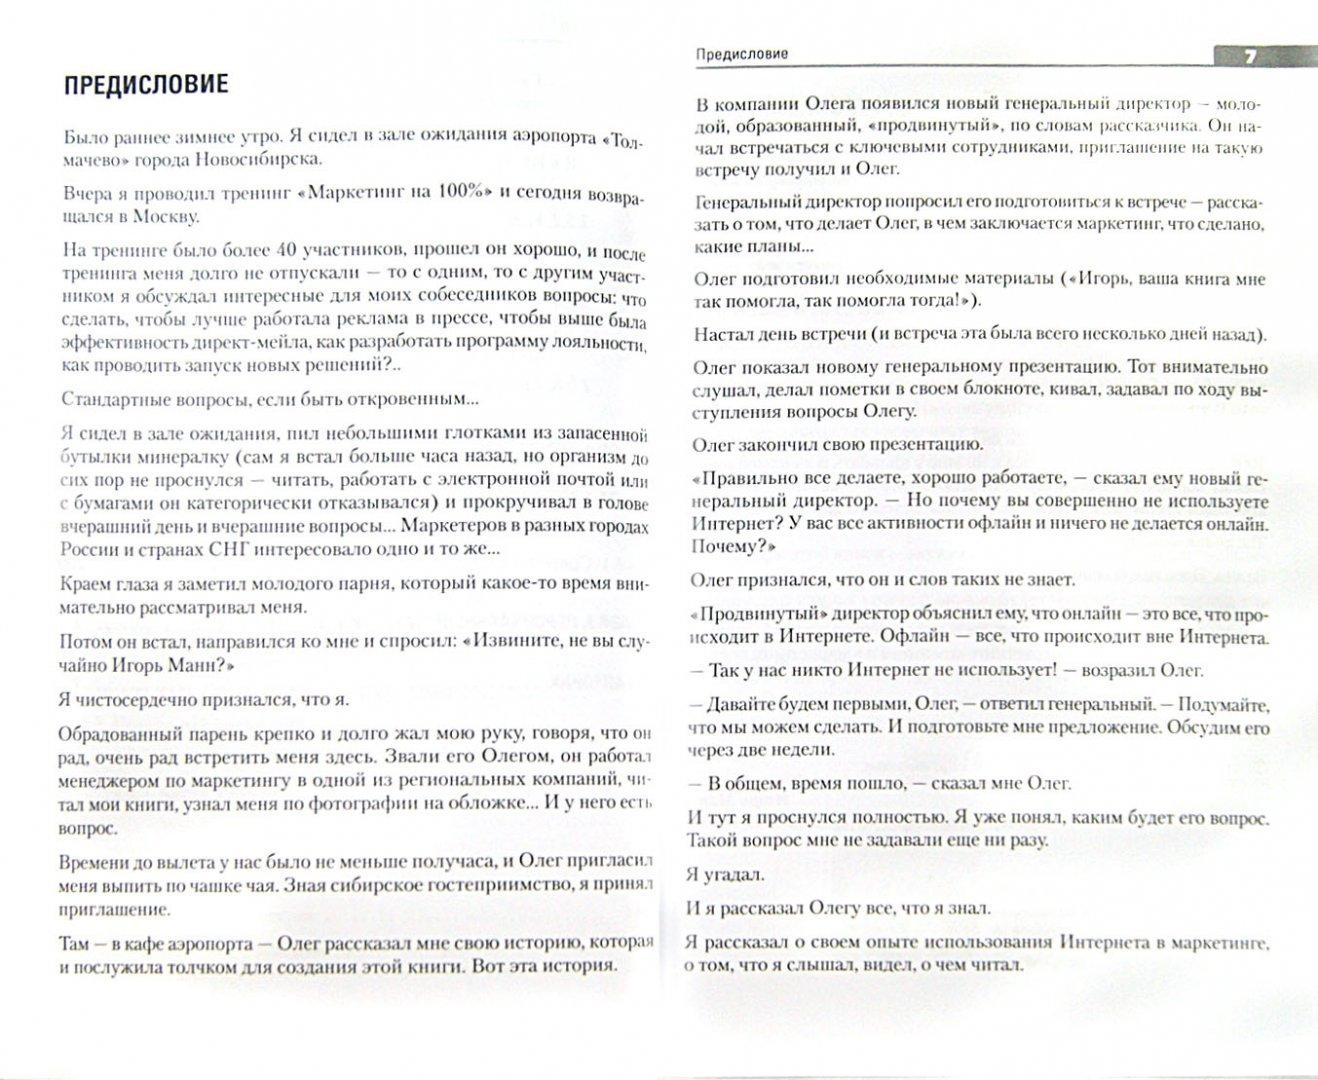 Иллюстрация 1 из 14 для Интернет-маркетинг на 100% - Андросов, Ворошилова, Долгов   Лабиринт - книги. Источник: Лабиринт